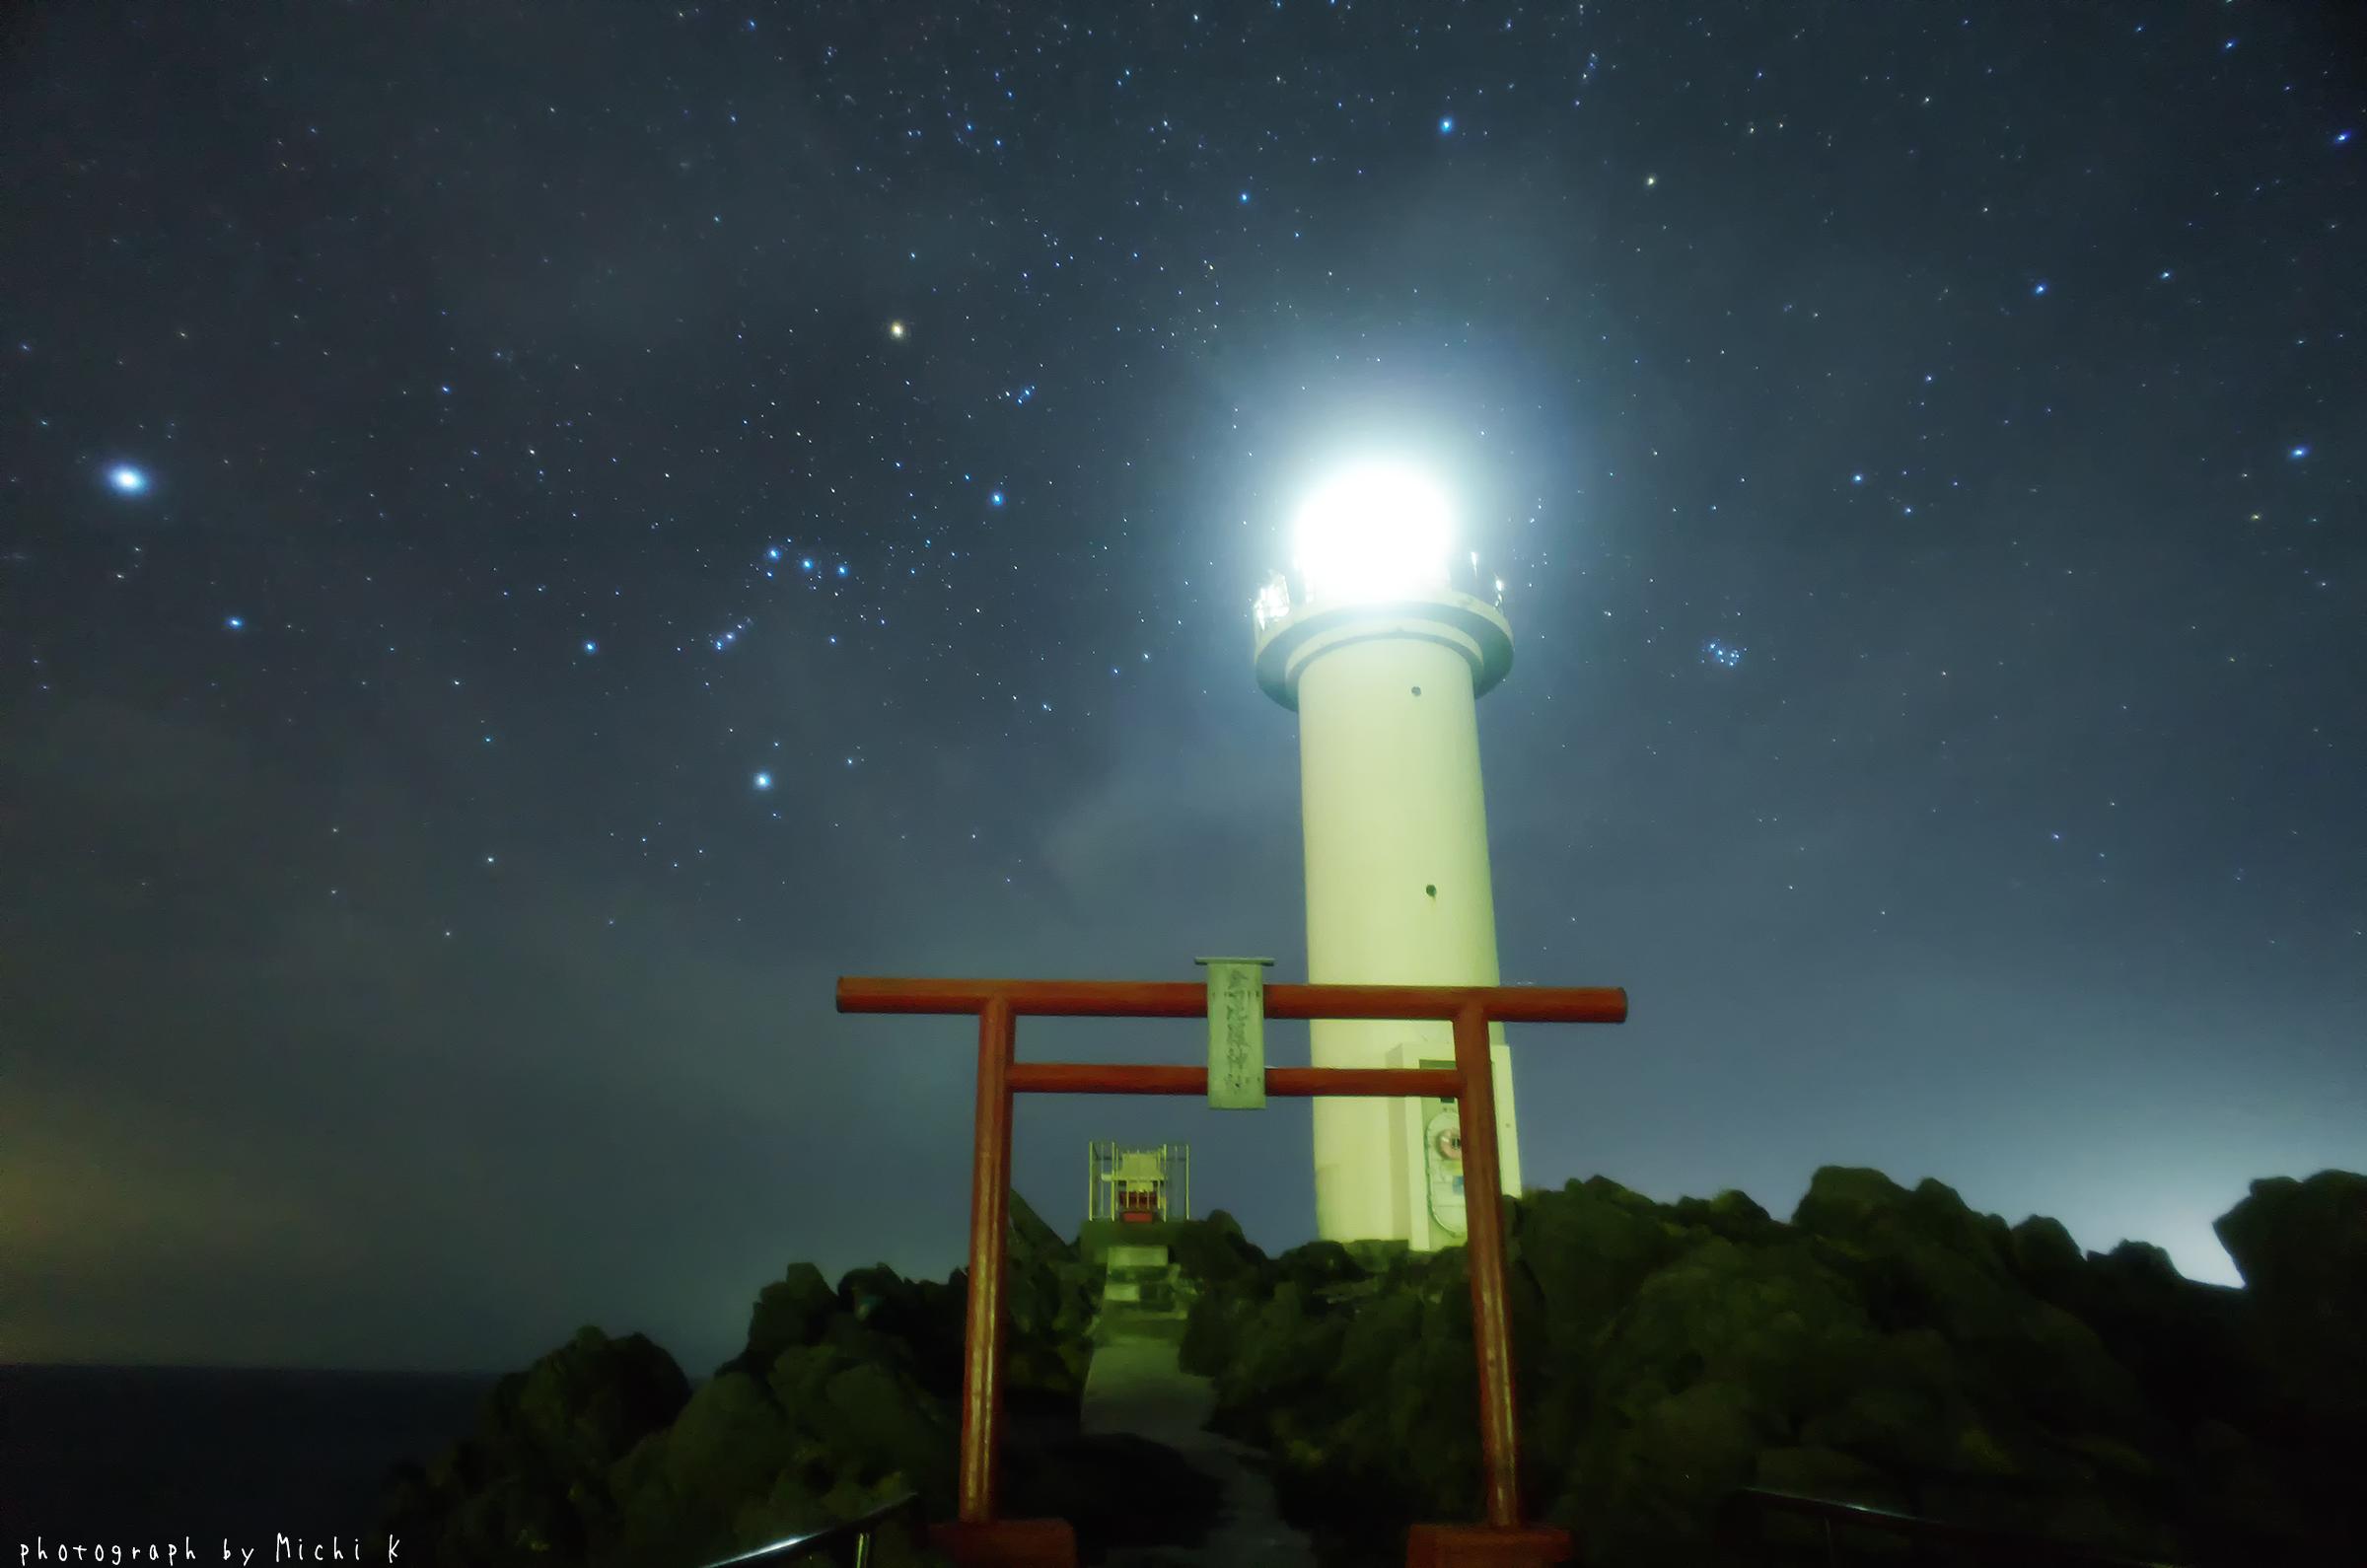 鼠ヶ関灯台とオリオン座(写真その1)